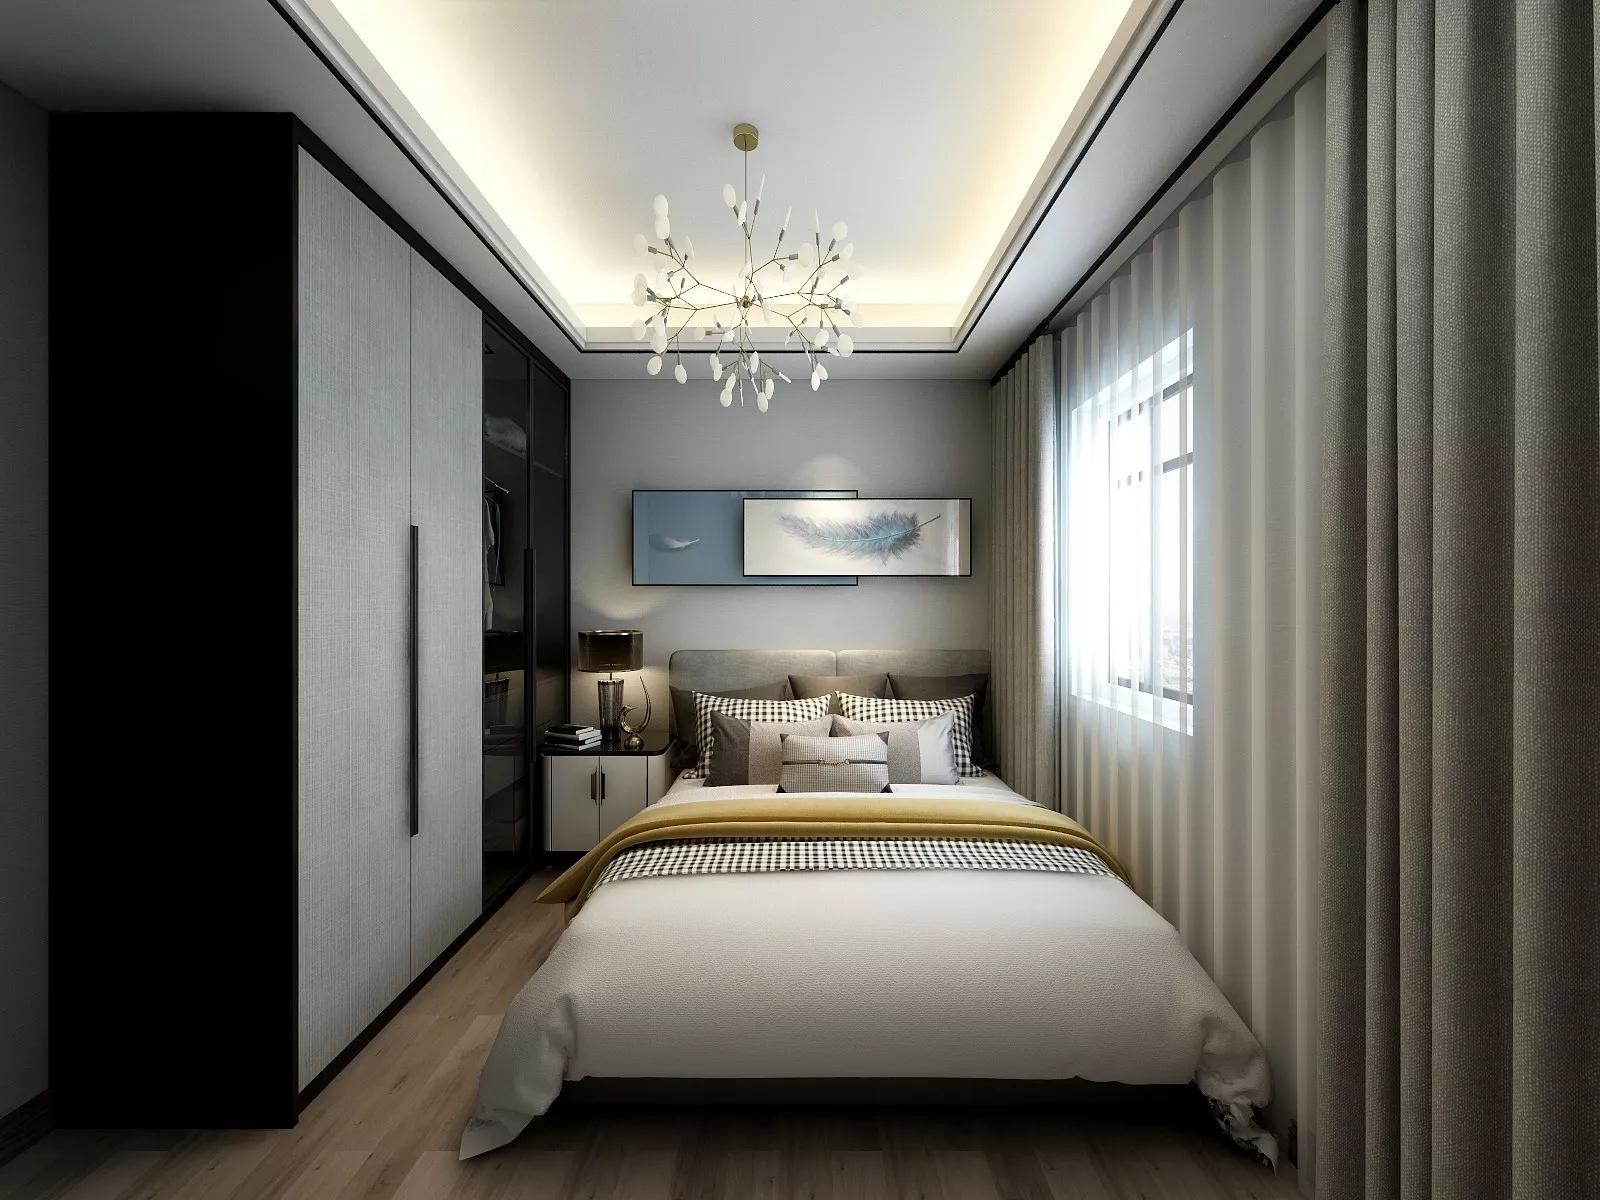 装修风格分类有哪些 家庭装修风格有哪几种